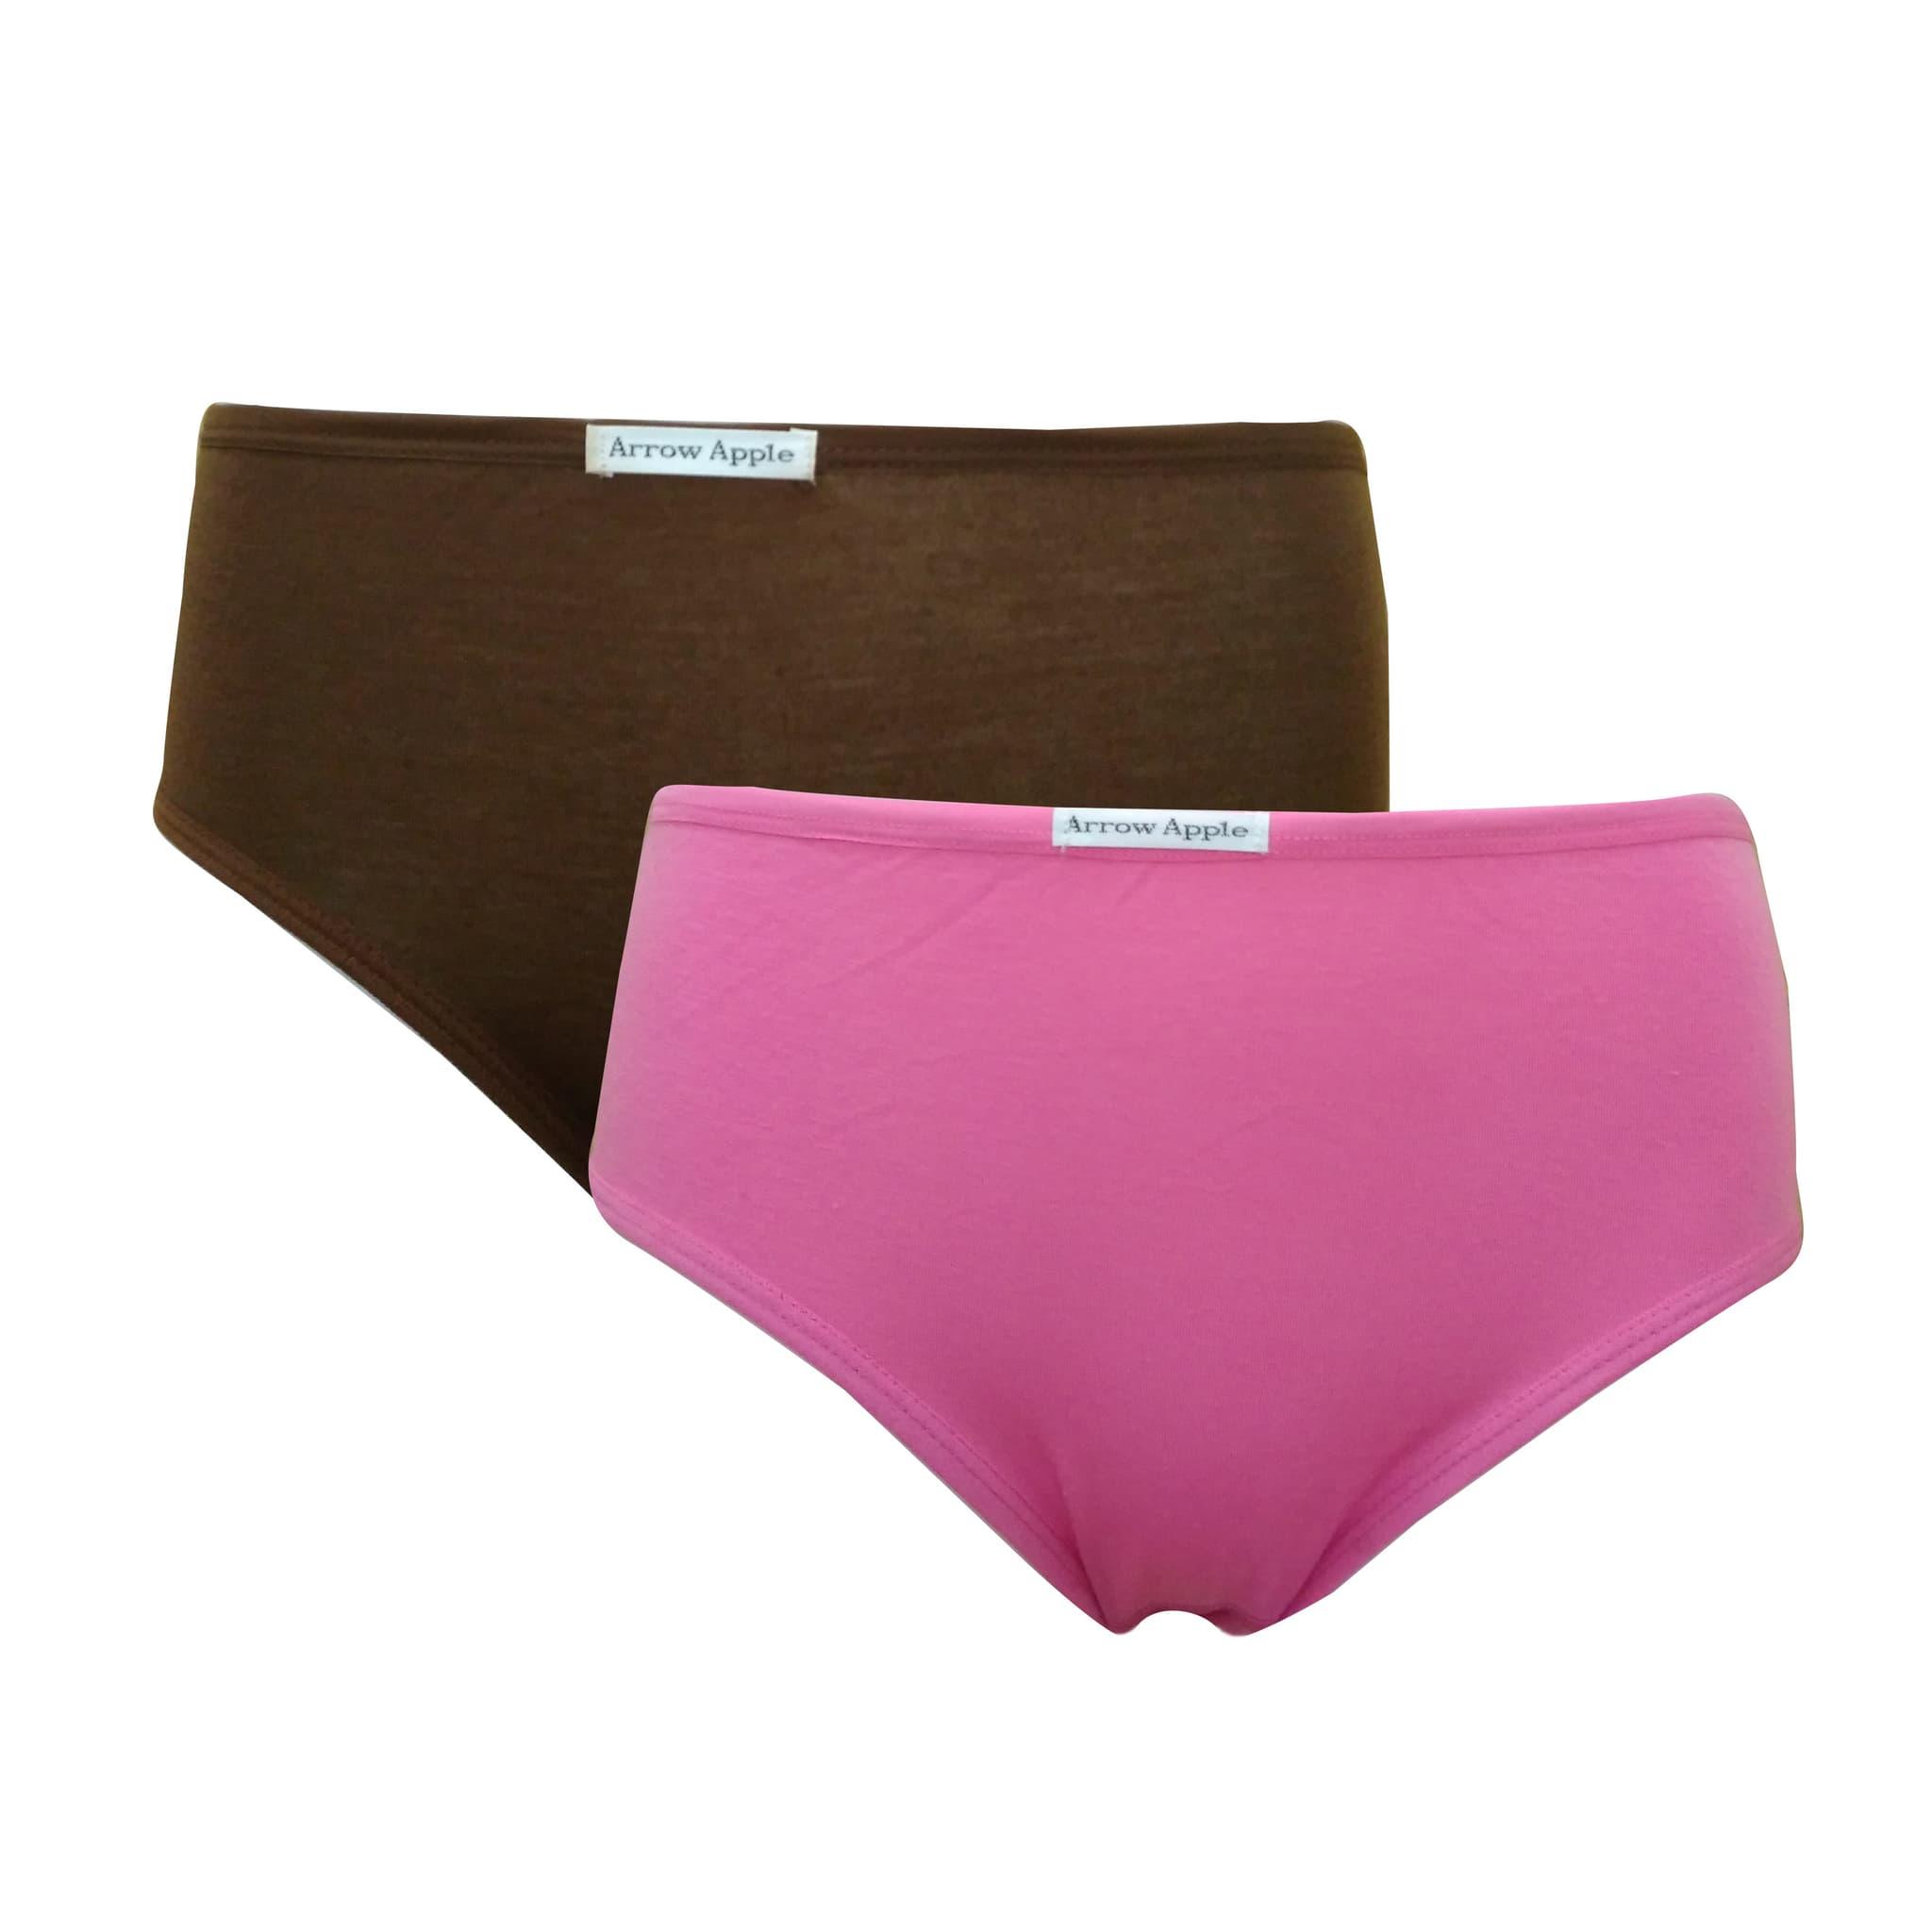 Celana Dalam Wanita - Arrow Apple - 4 Pcs - Fuchsia, M